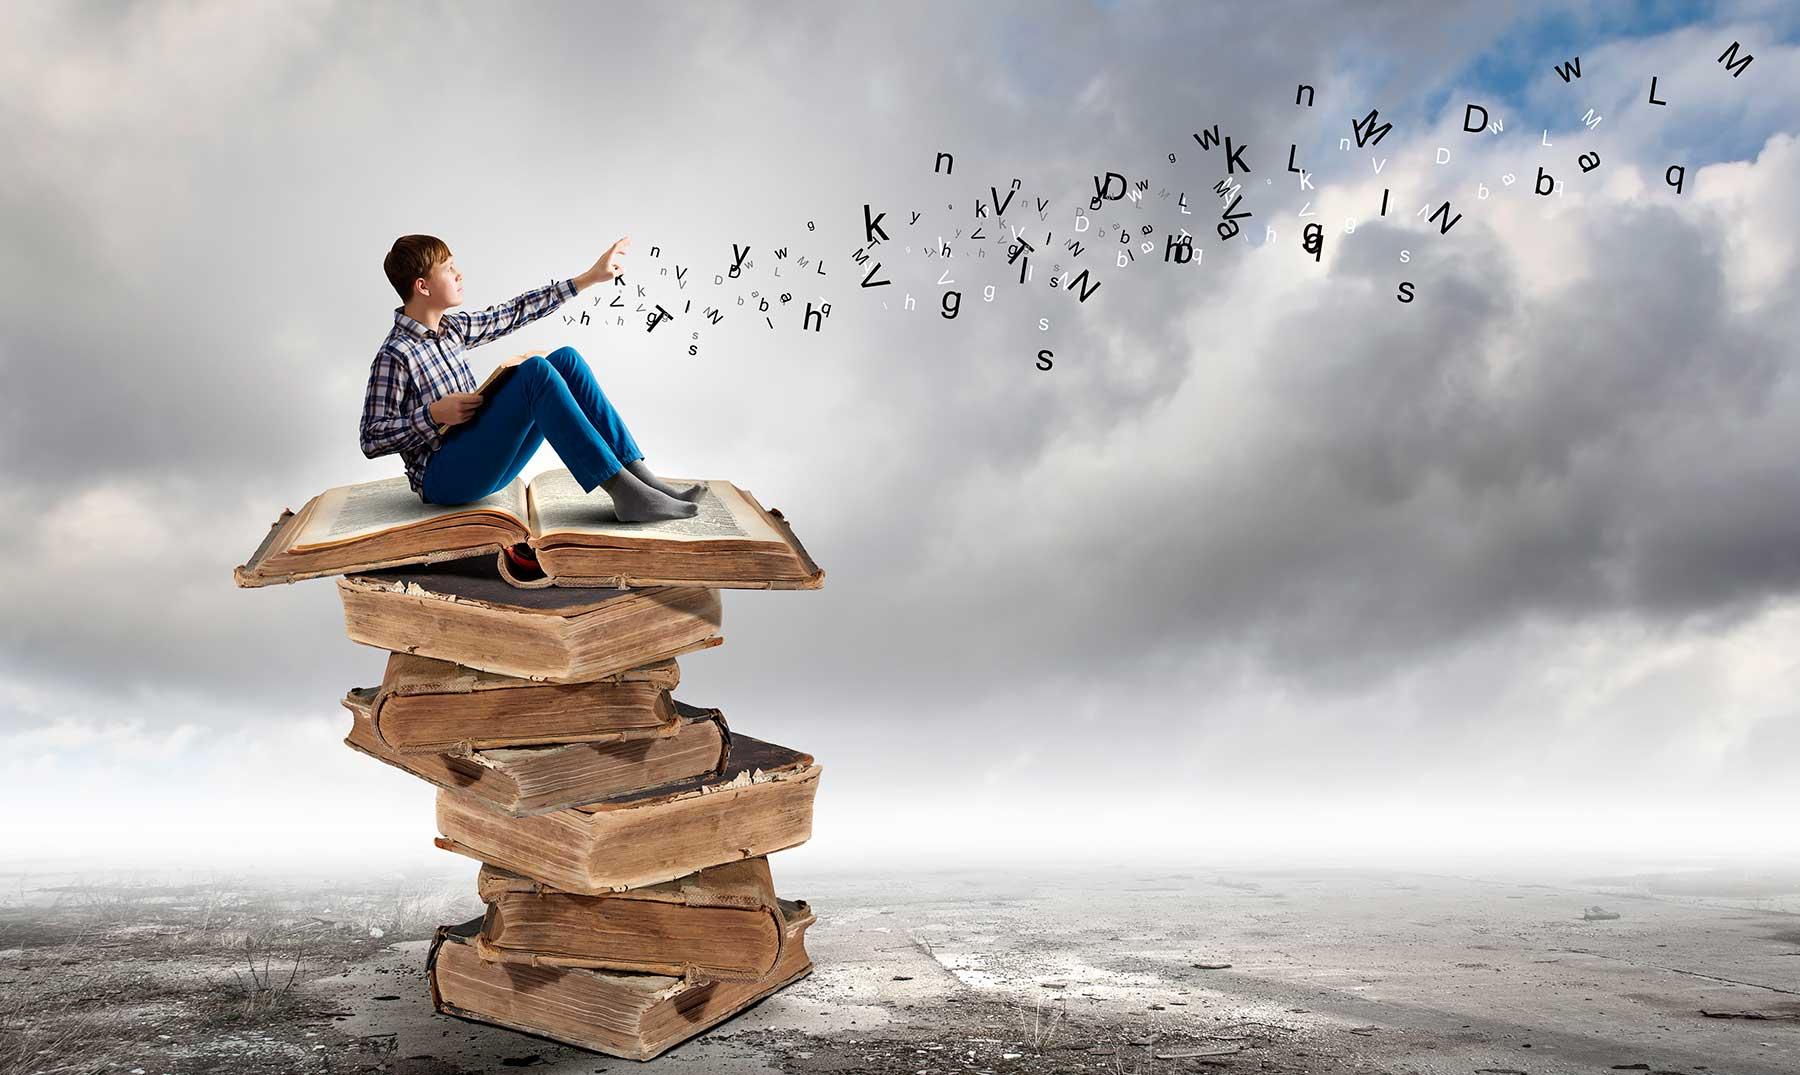 130 Frases Educativas El Arte De Aprender A Descubrir